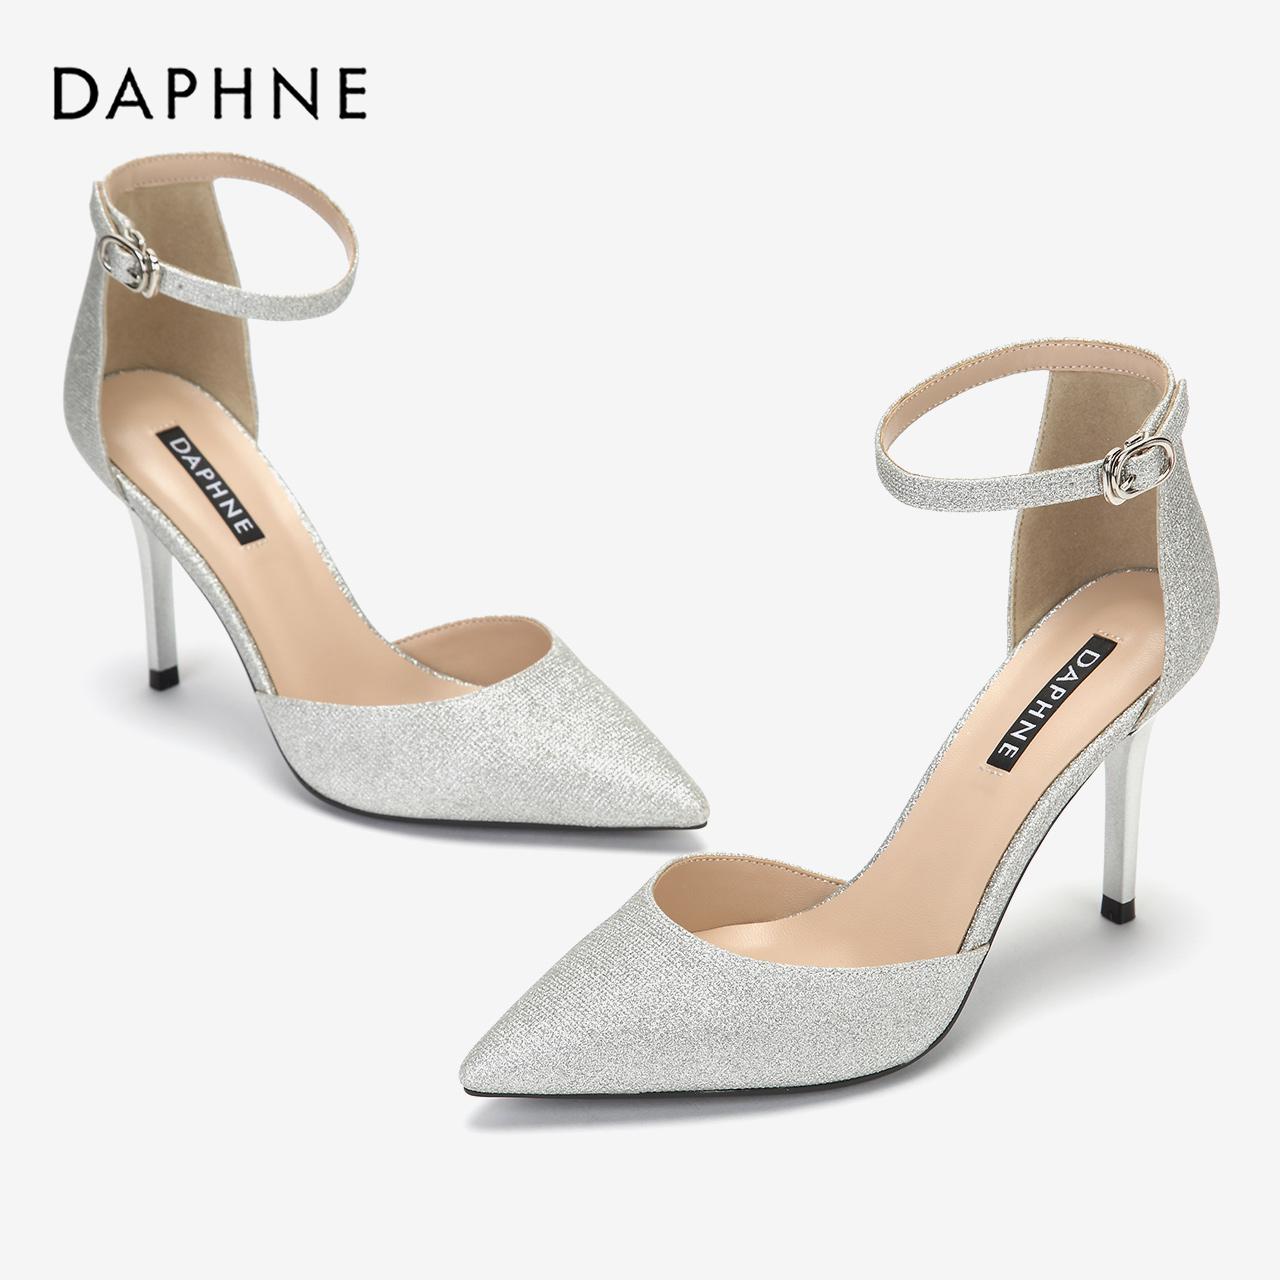 春新款银色伴娘优雅闪耀气场踝带细跟单鞋女 2019 达芙妮 Daphne